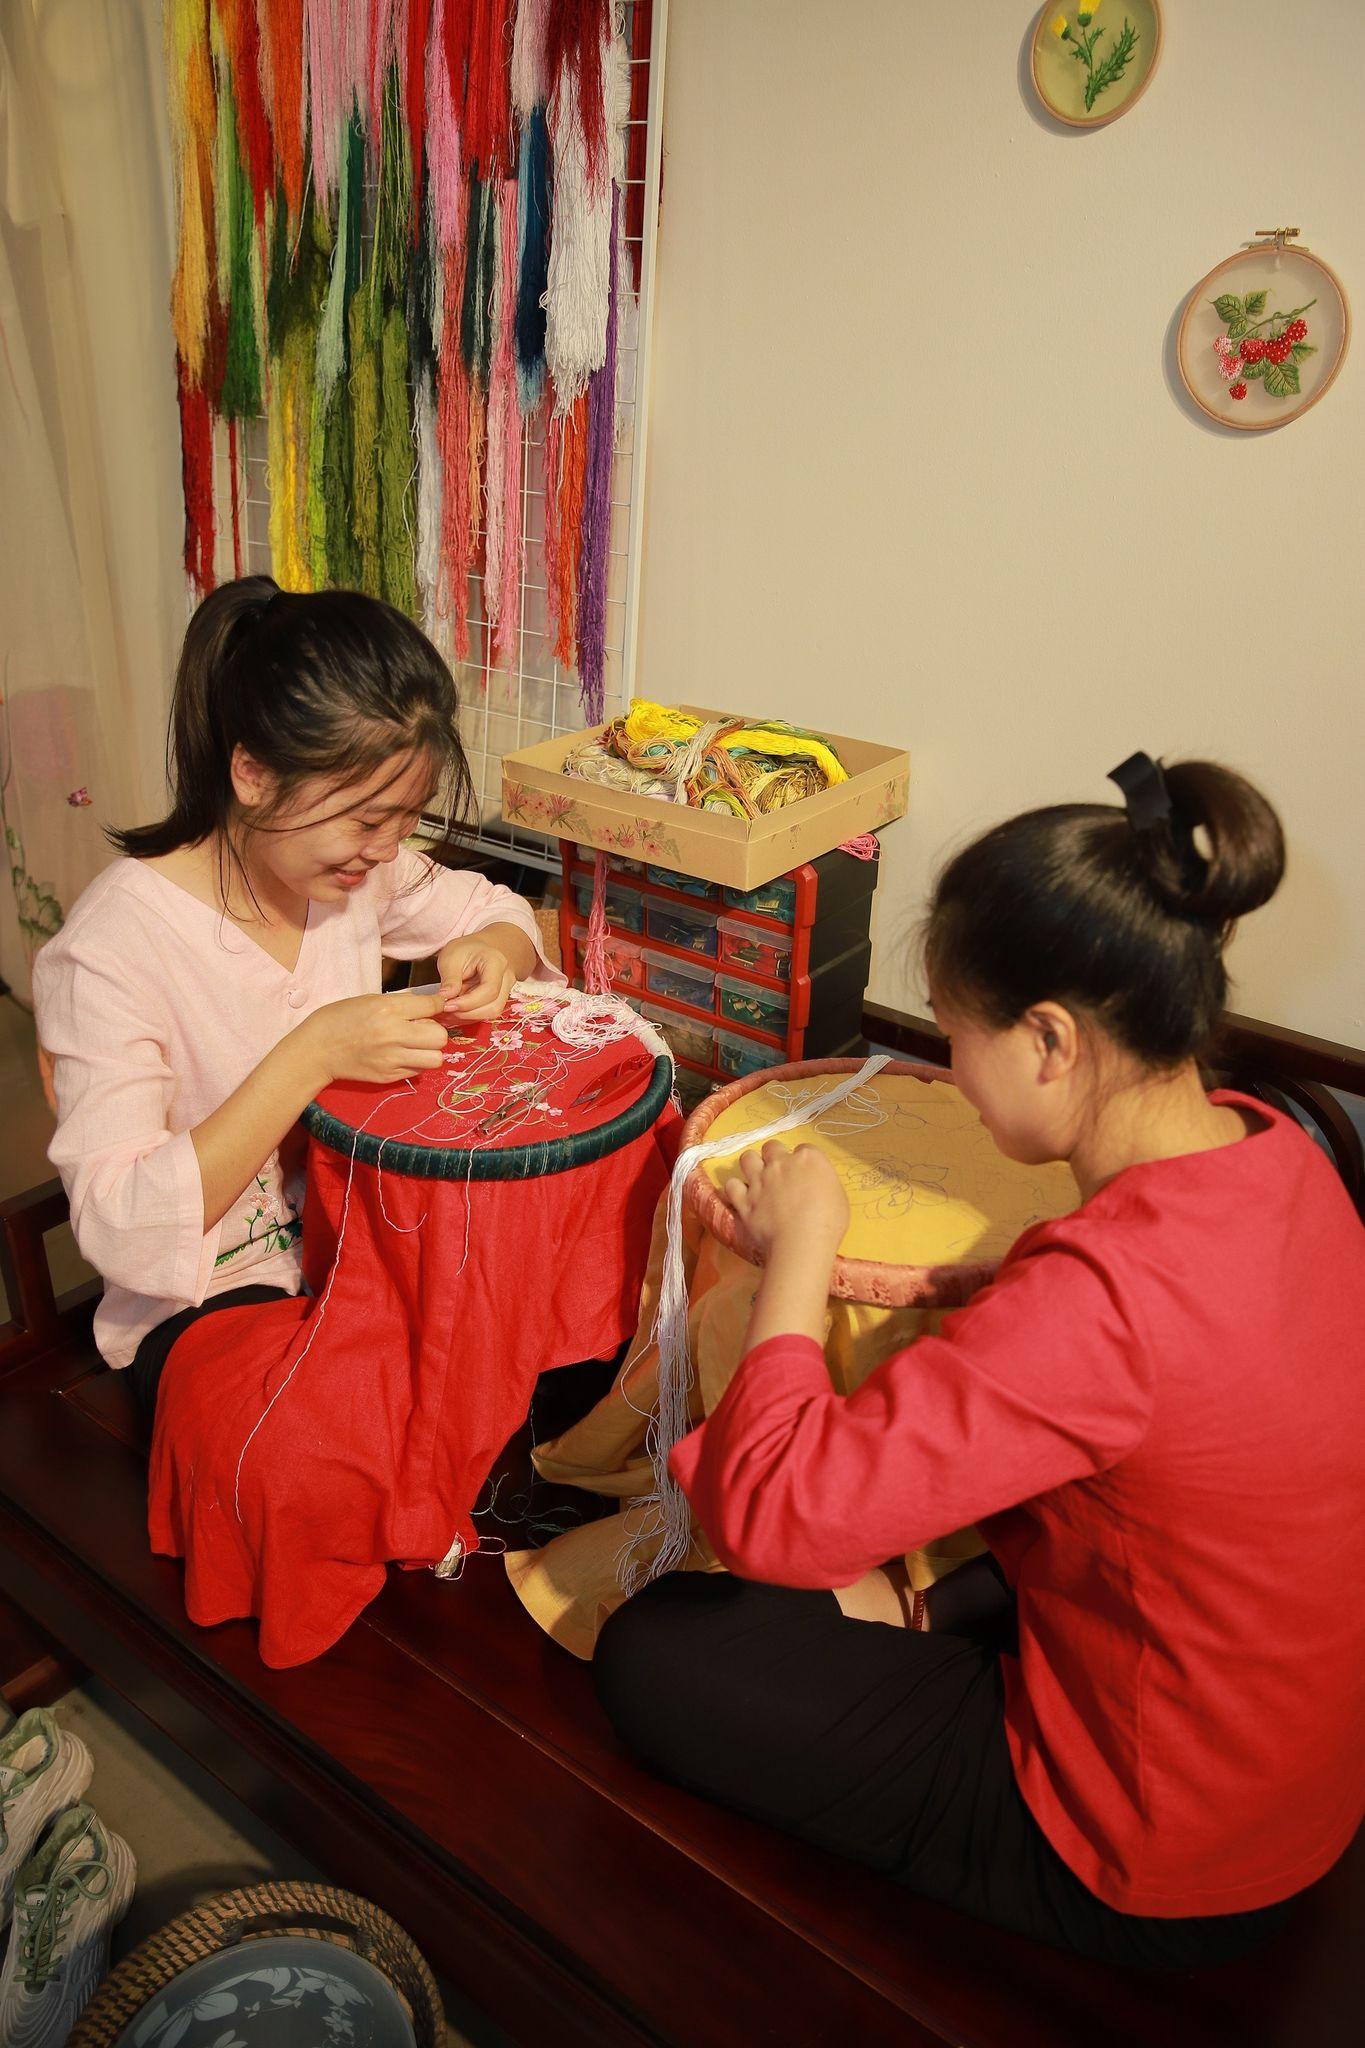 Ra mắt không gian giao lưu văn hóa Việt - Nhật: Điểm đến của những tâm hồn ngưỡng vọng sựtinh tế 2